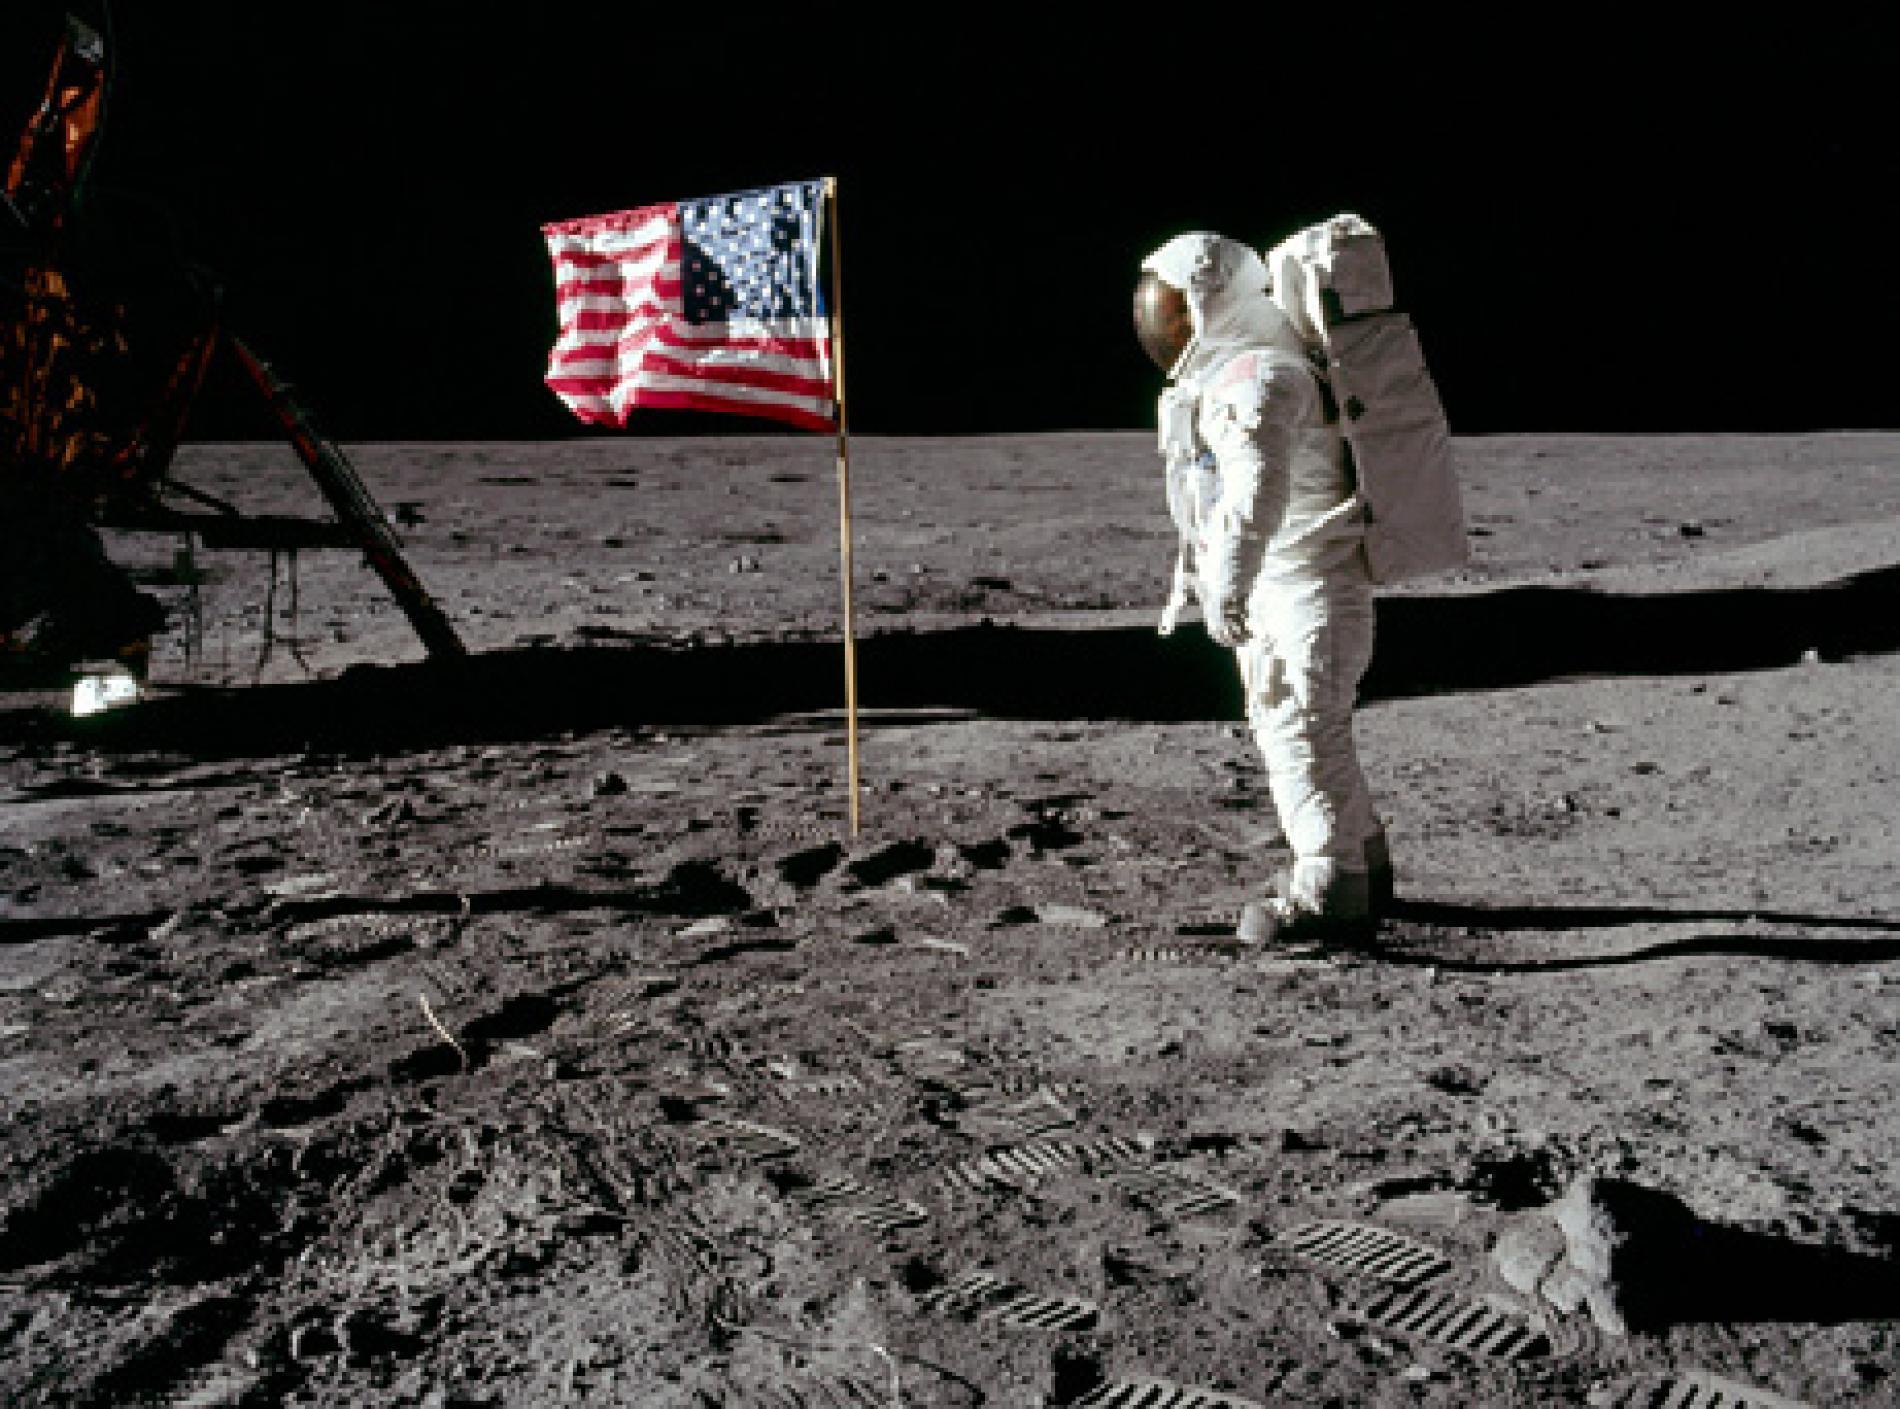 090716-01-moon-hoax-flag-waving_big.ngsversion.1534546802074.adapt.1900.1